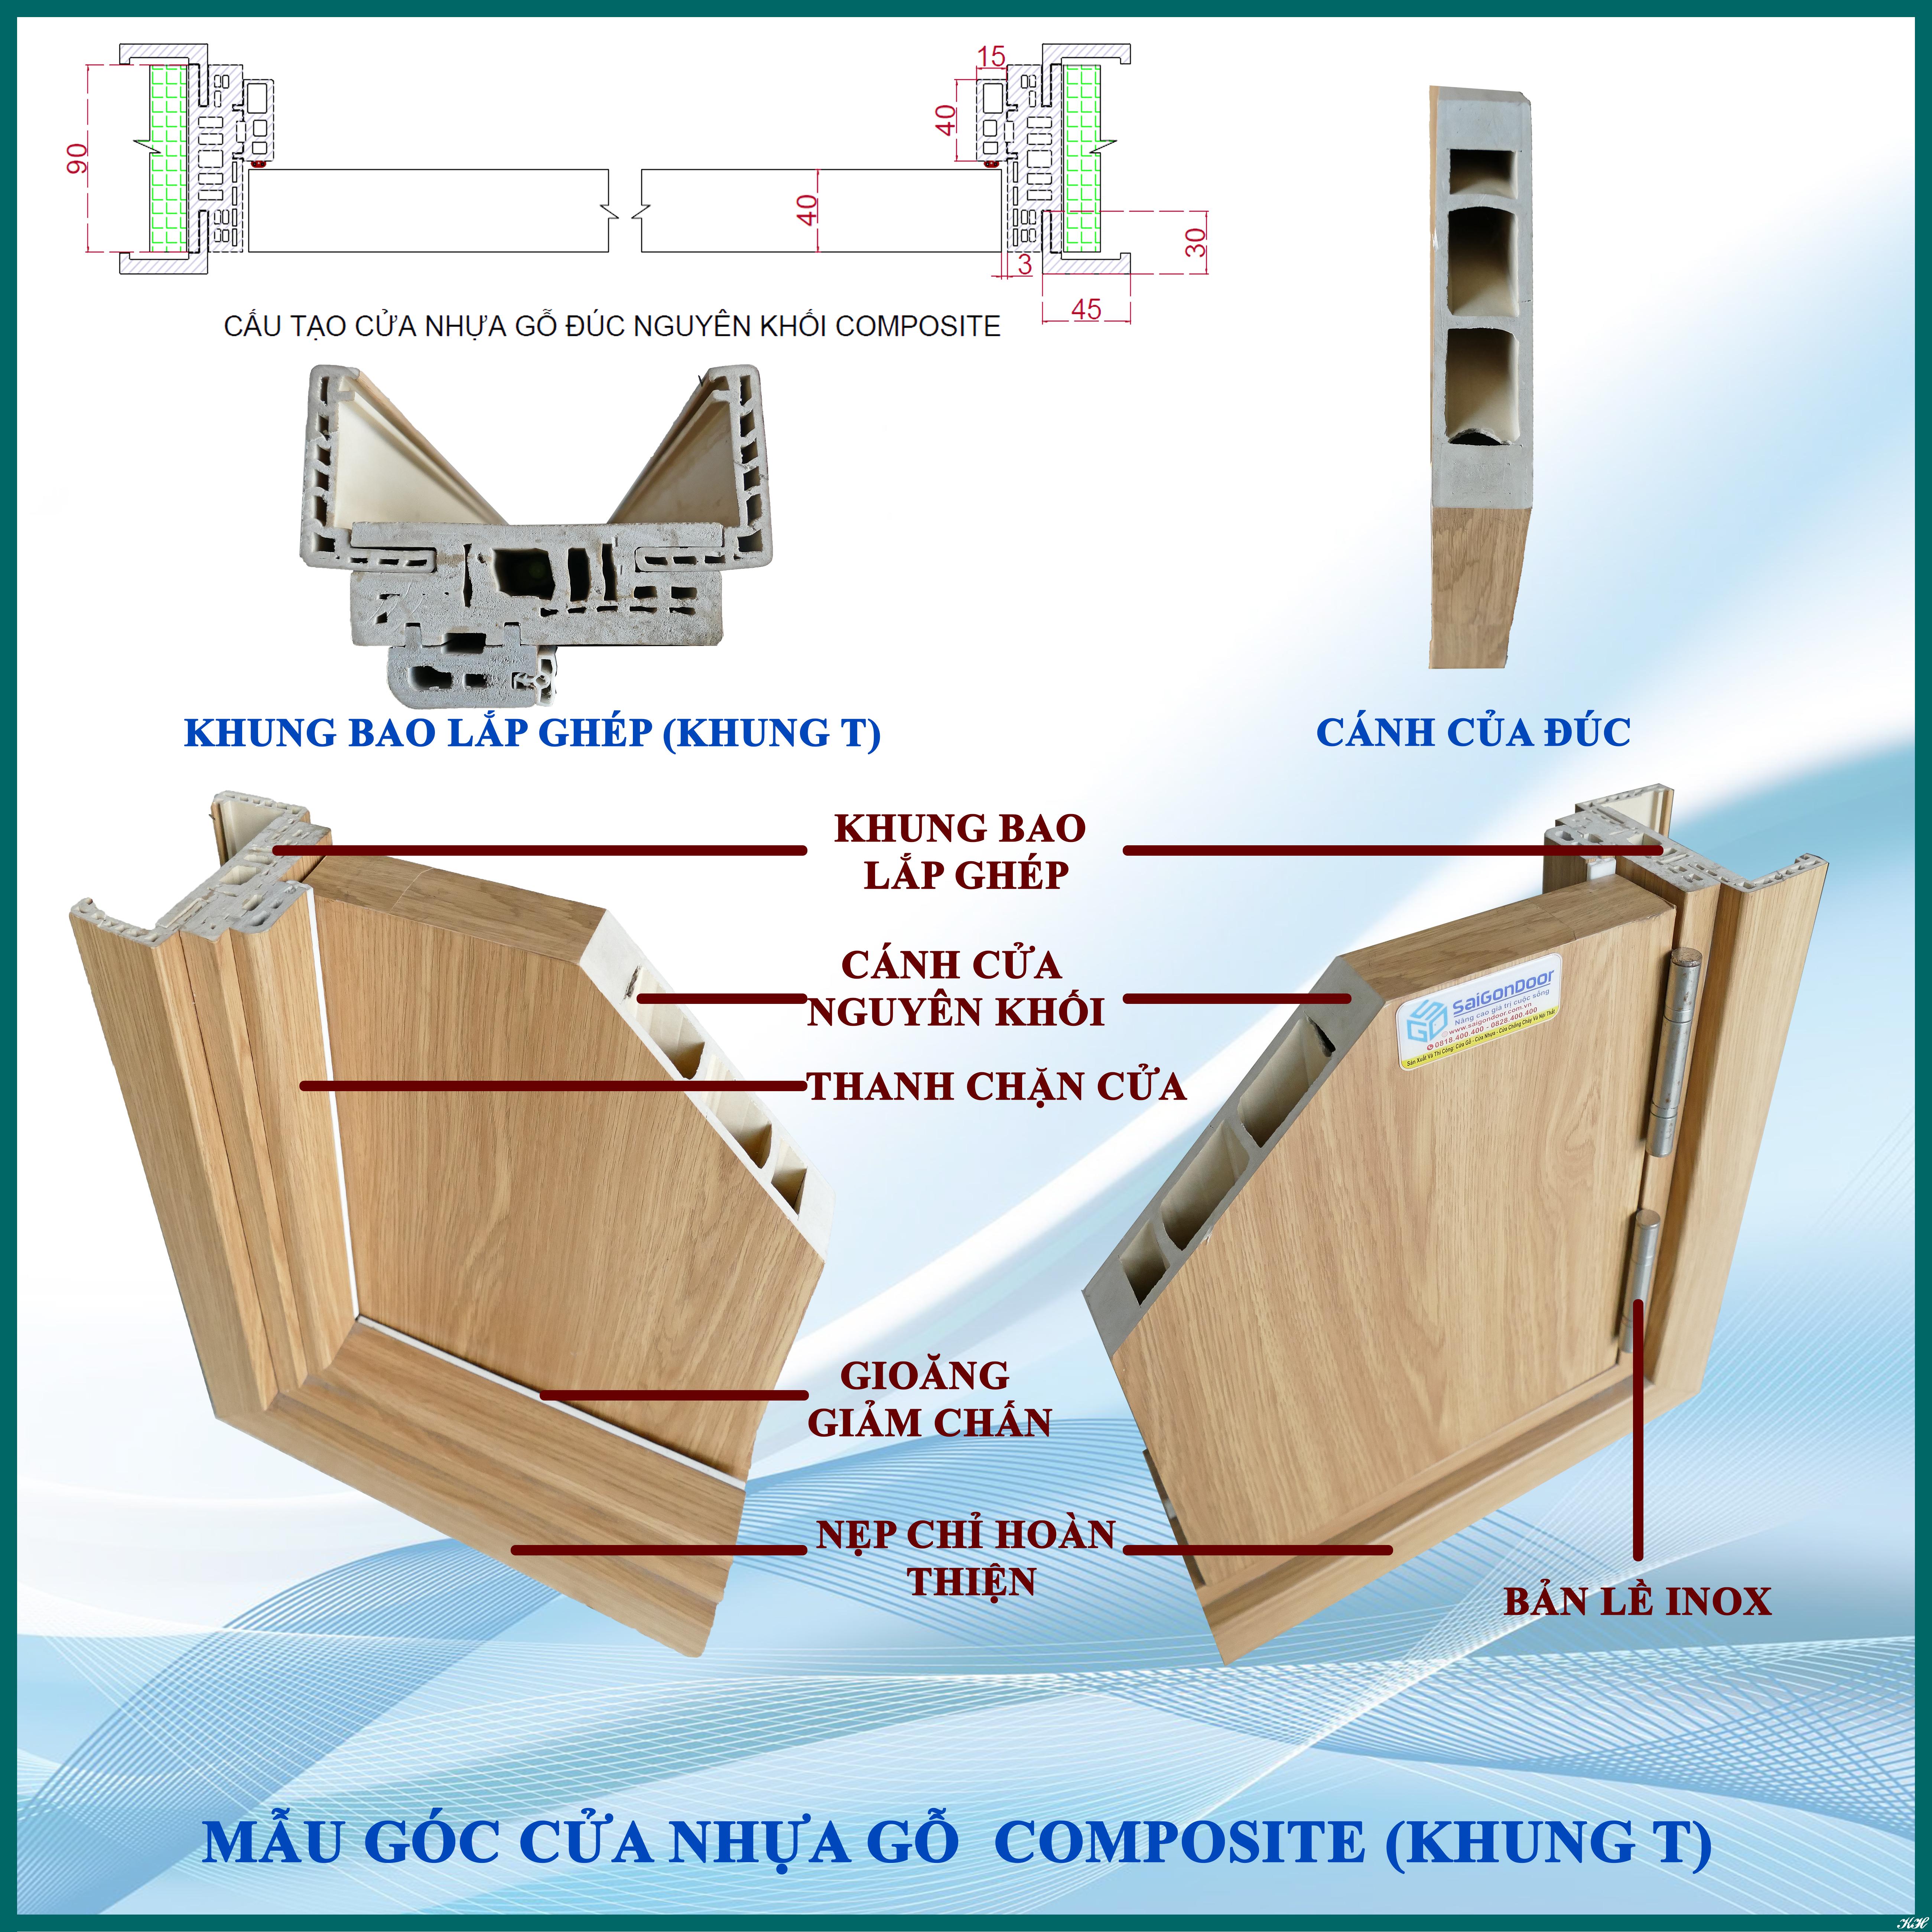 Cấu tạo chi tiết Cửa nhựa vân gỗ